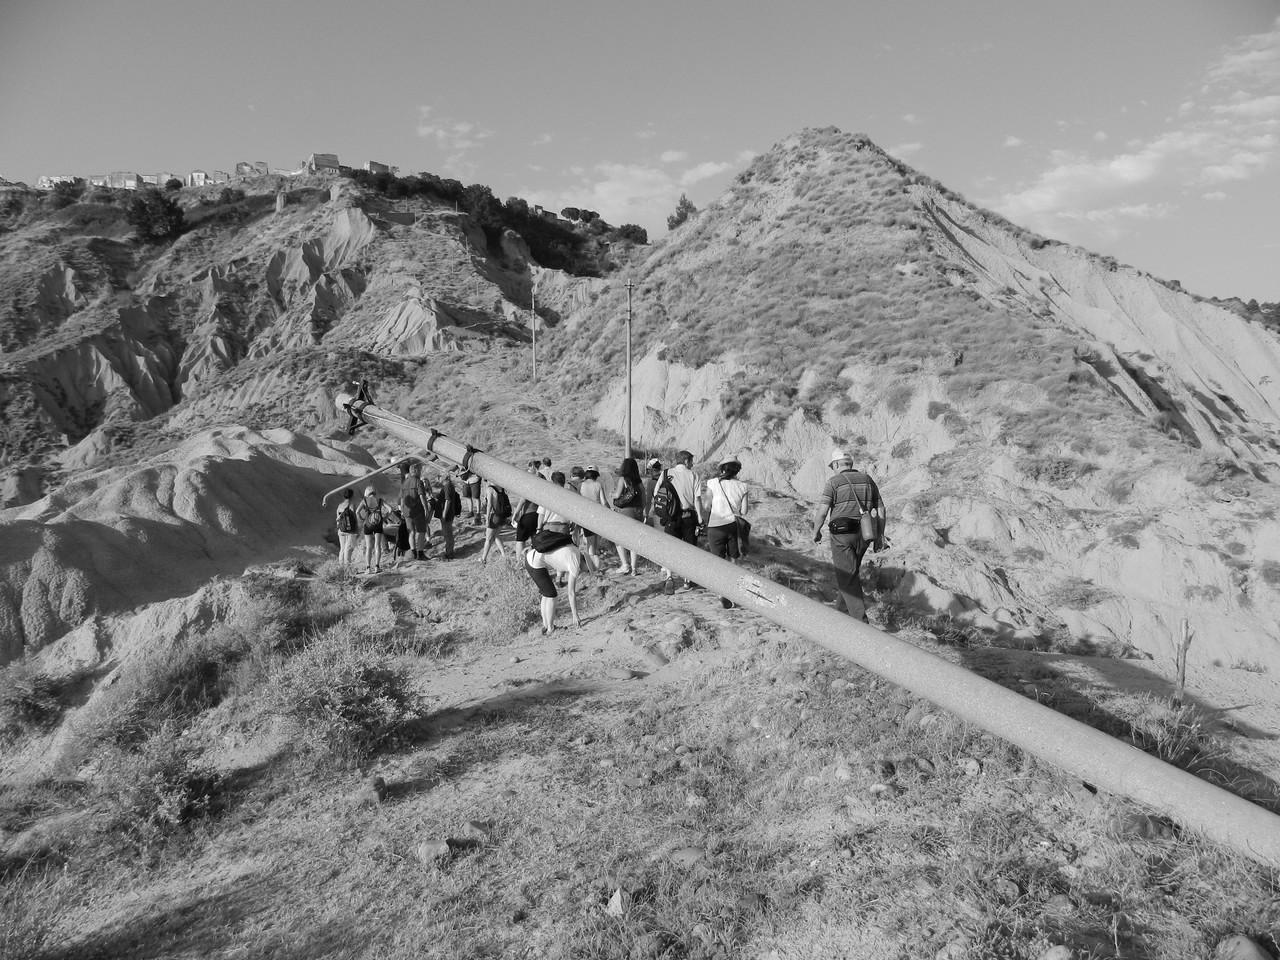 Escursione Appiett u mulin 2012 con un gruppo di turisti austriaci